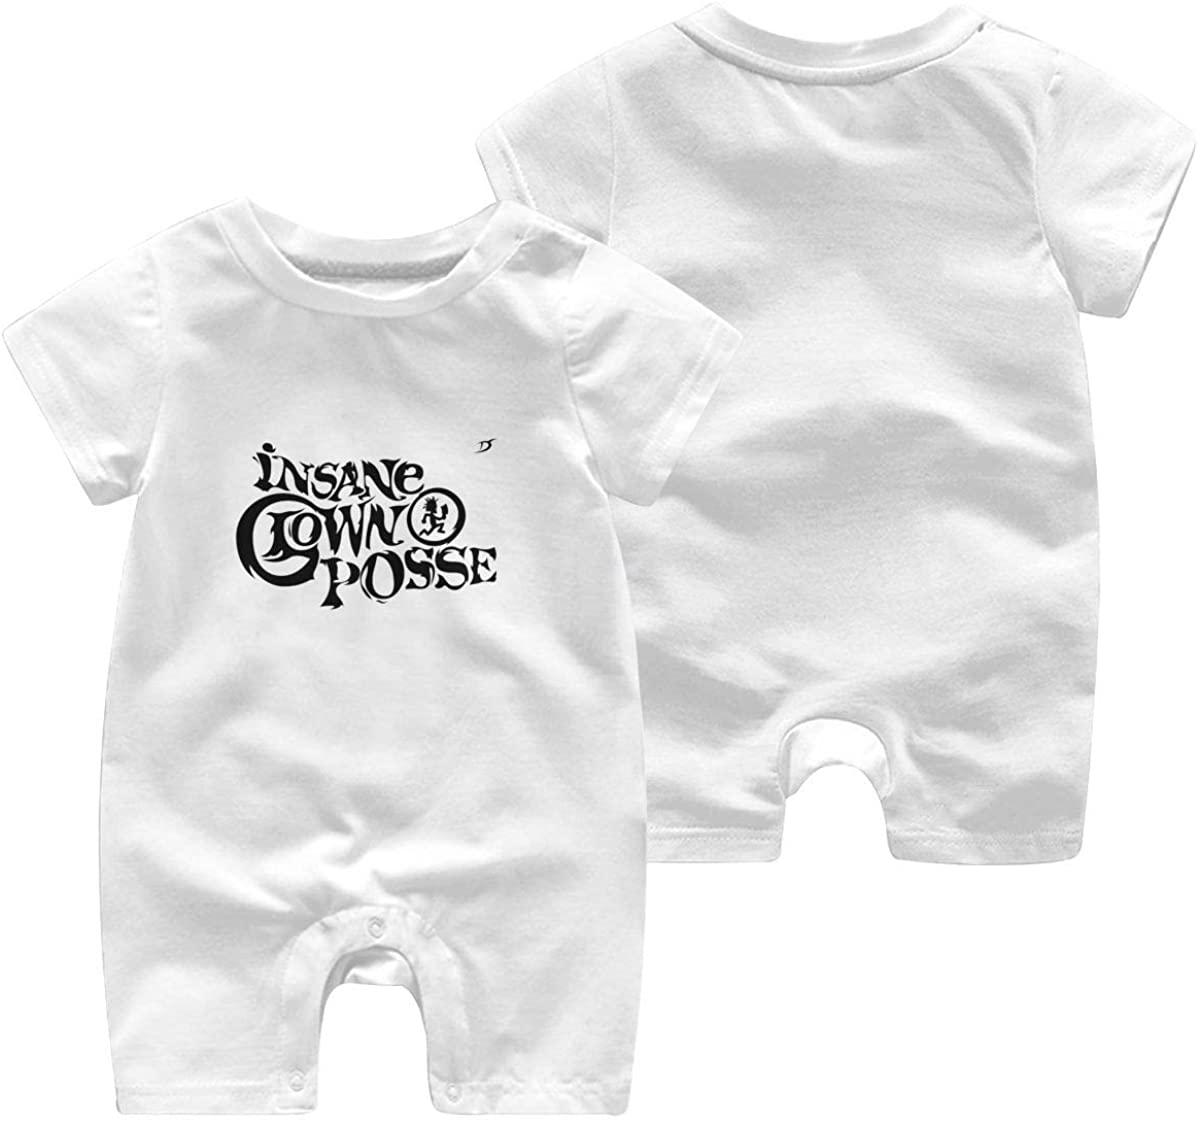 ElizabethBBussey Insane Clown Posse Baby Romper Newborn Cotton Pajamas Jumpsuit Crawling Suit